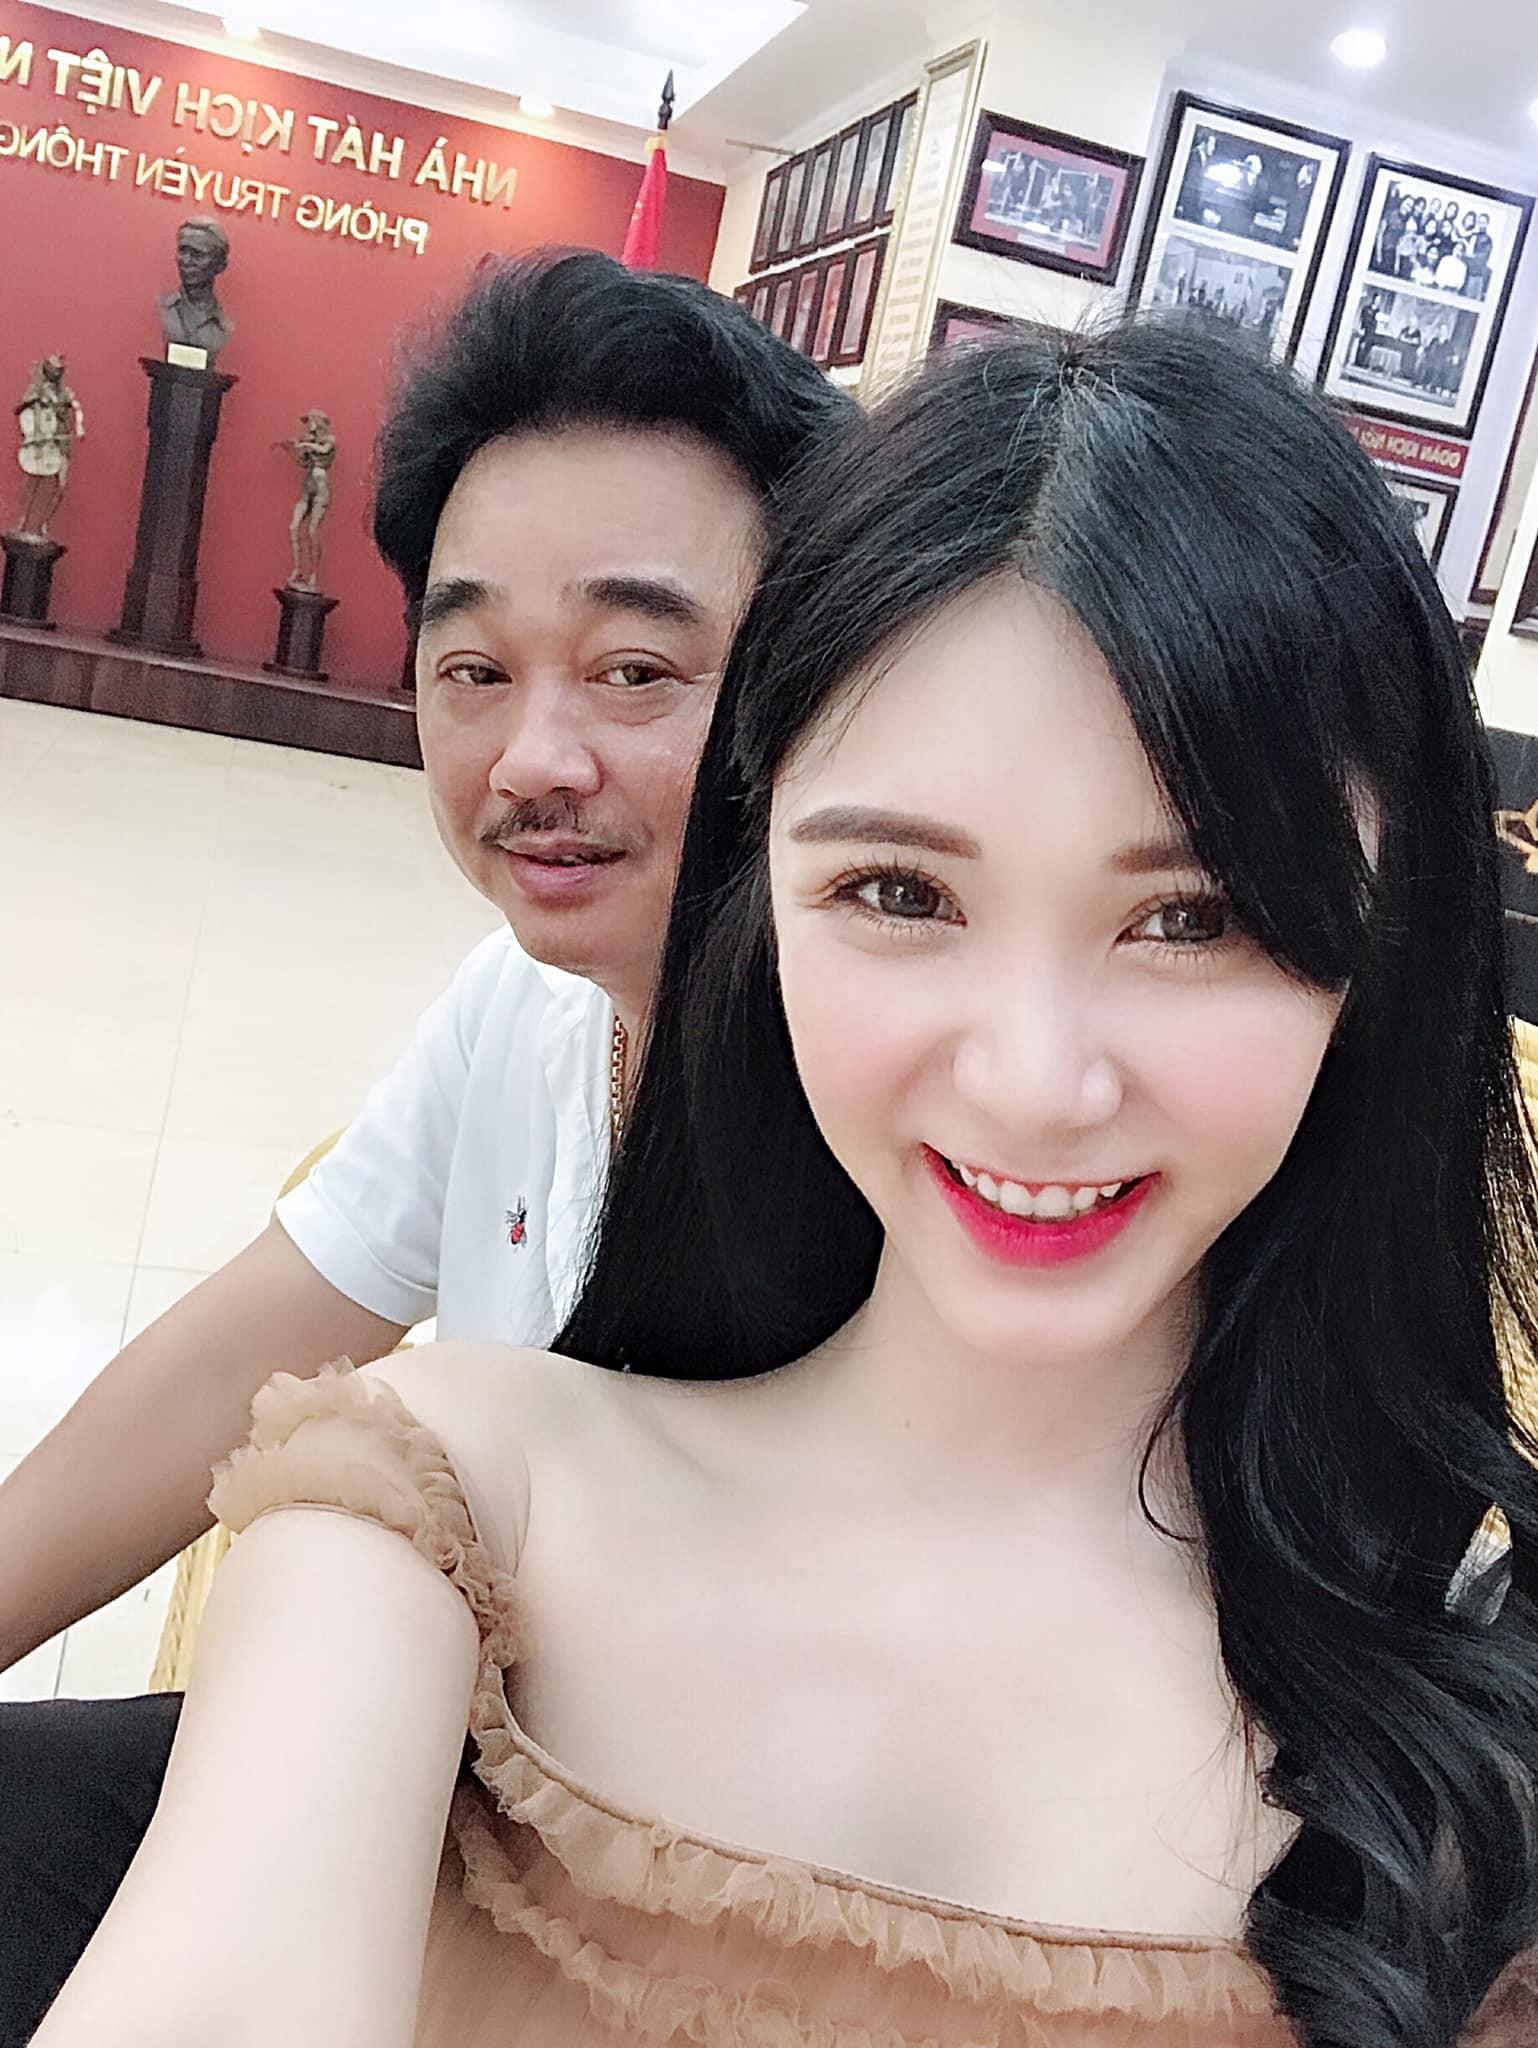 Cuộc sống hiện tại của Thanh Bi - tình cũ Quang Lê ra sao sau 2 năm tuyên bố chia tay vẫn ngủ chung?-8